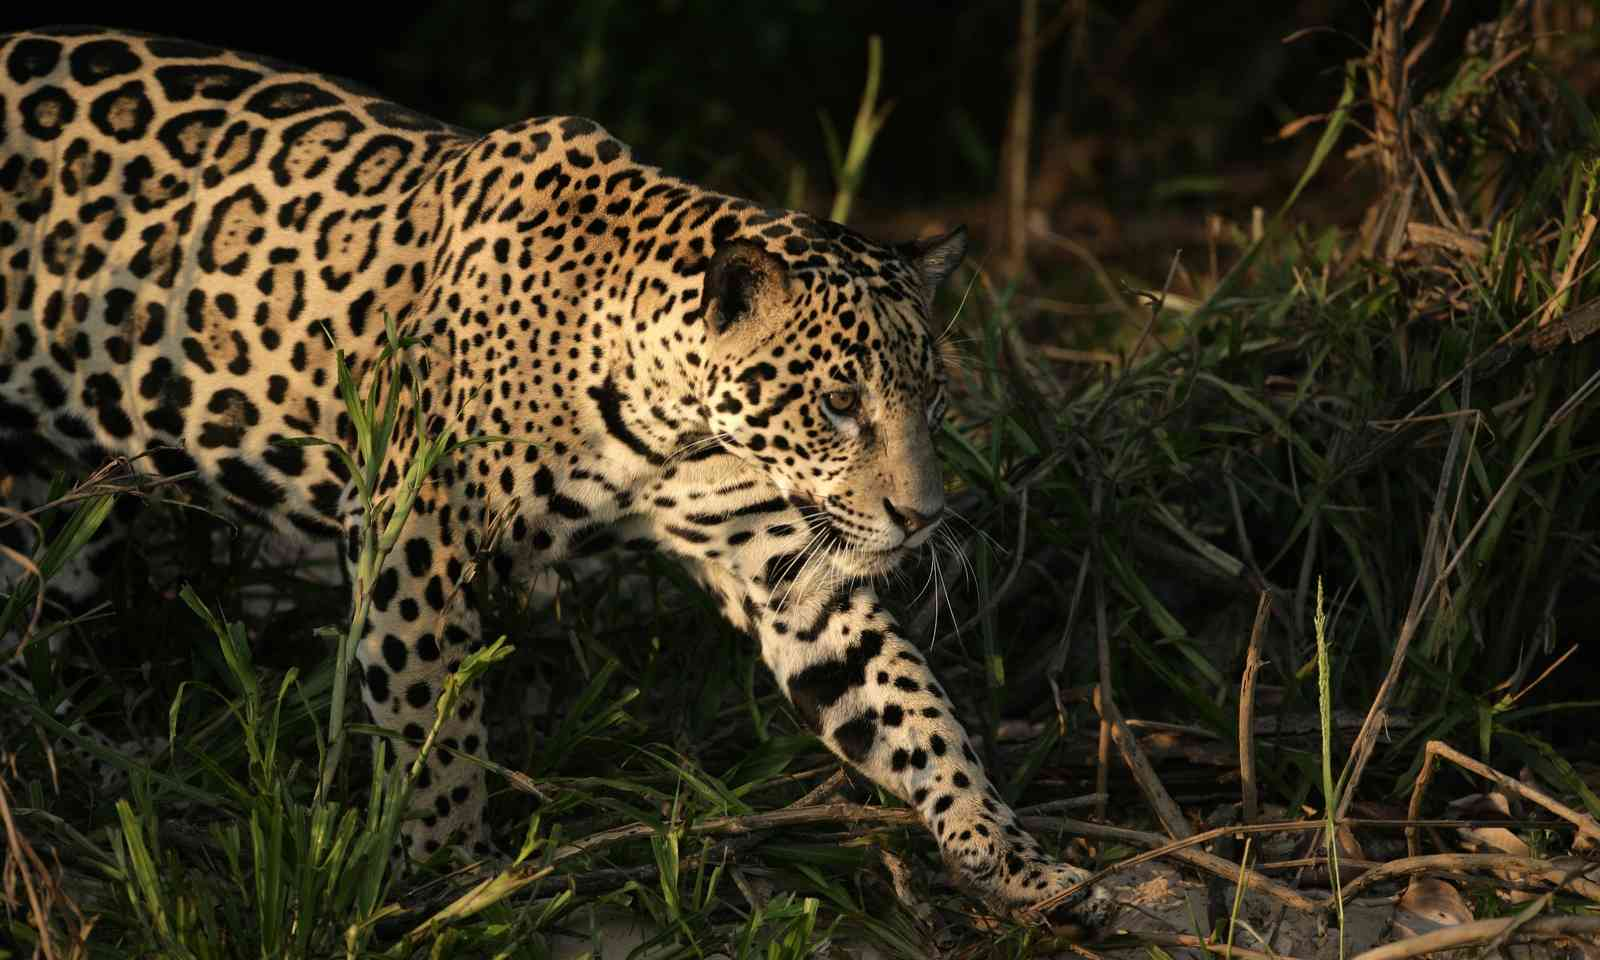 A jaguar in the Pantanal (Dreamstime)